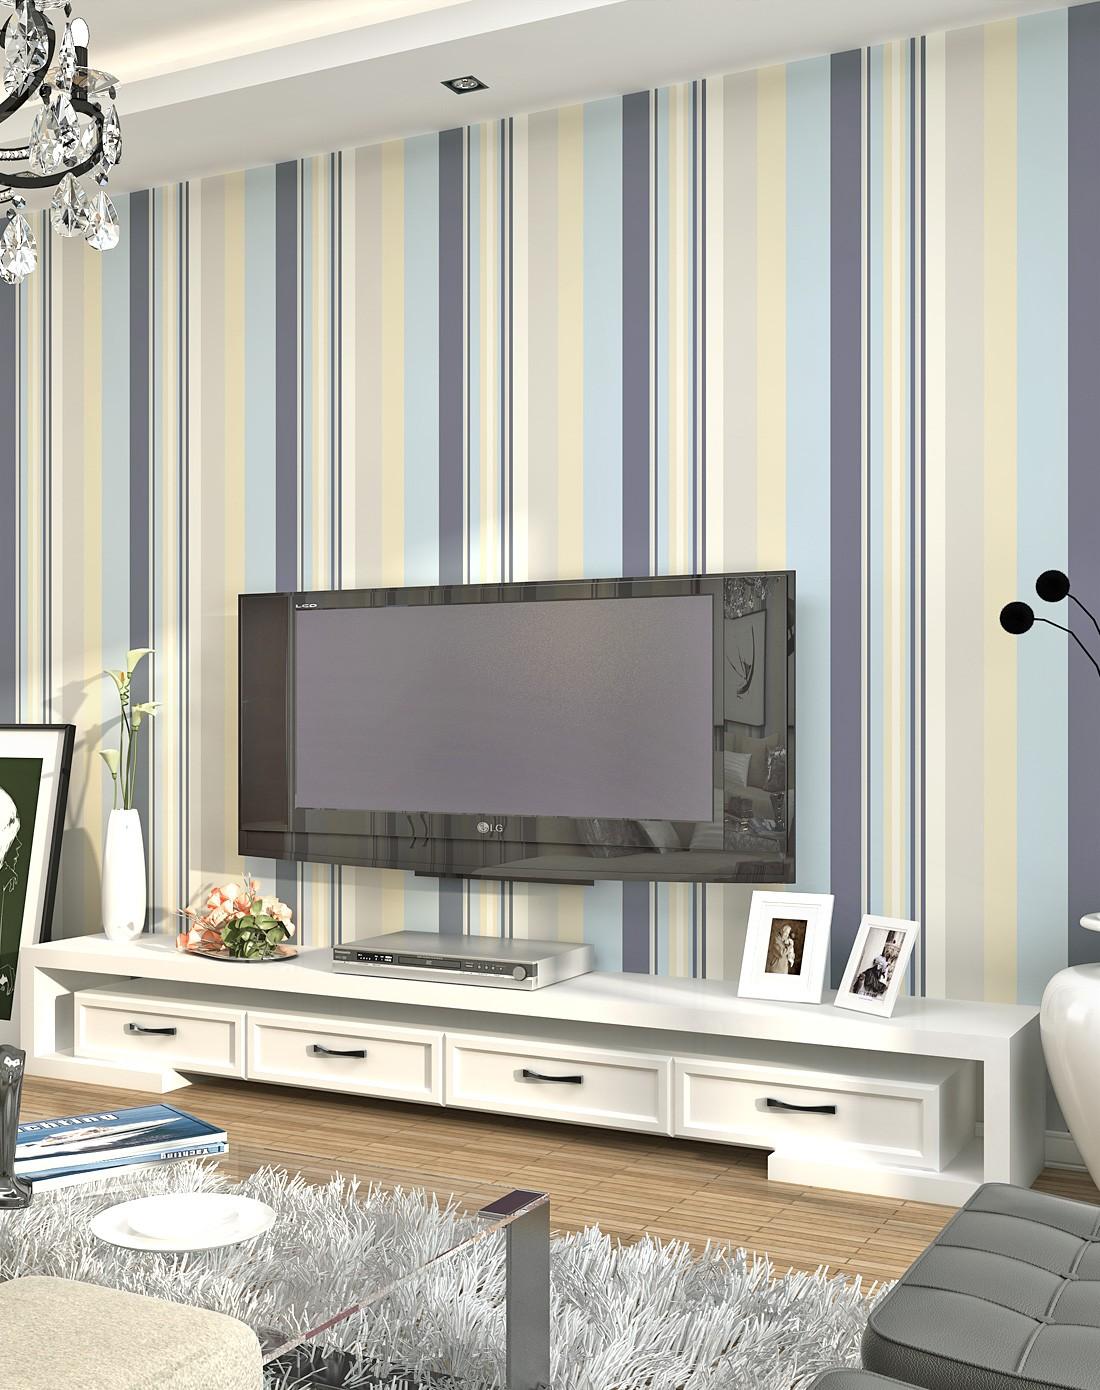 蓝白条纹地中海简约唯美无纺布环保壁纸